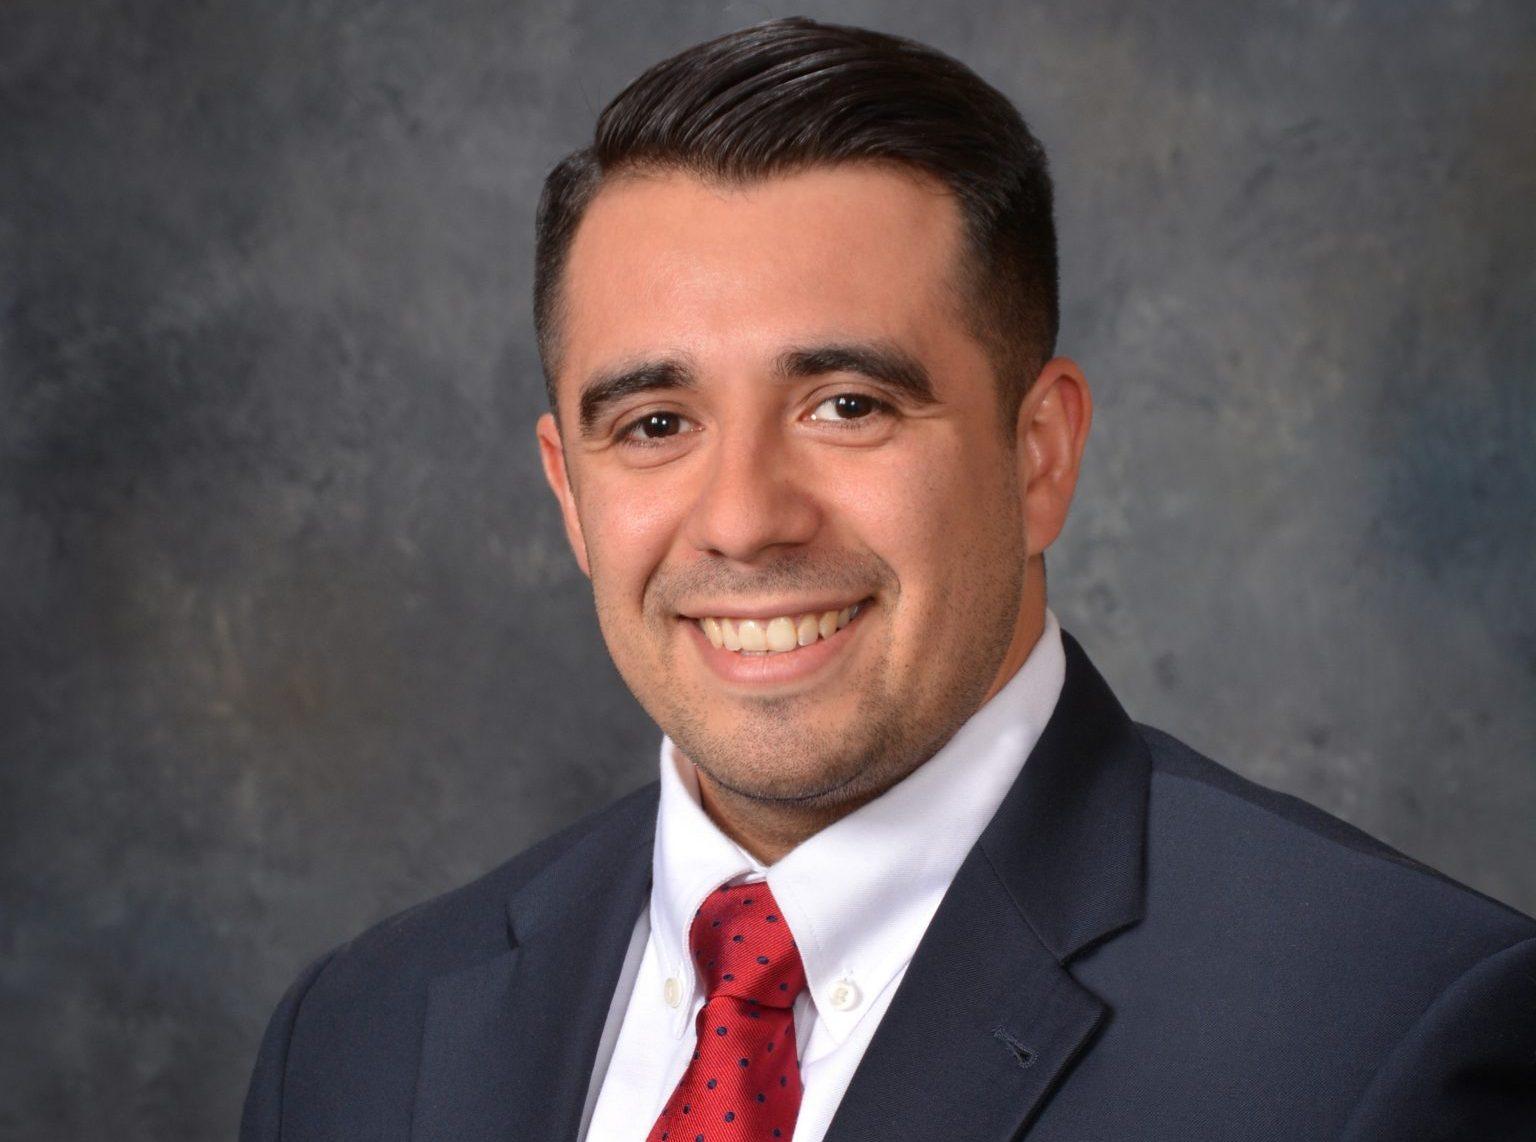 Kyle Felan, Loan Officer at Lone Star Ag Credit in Abilene, Texas.